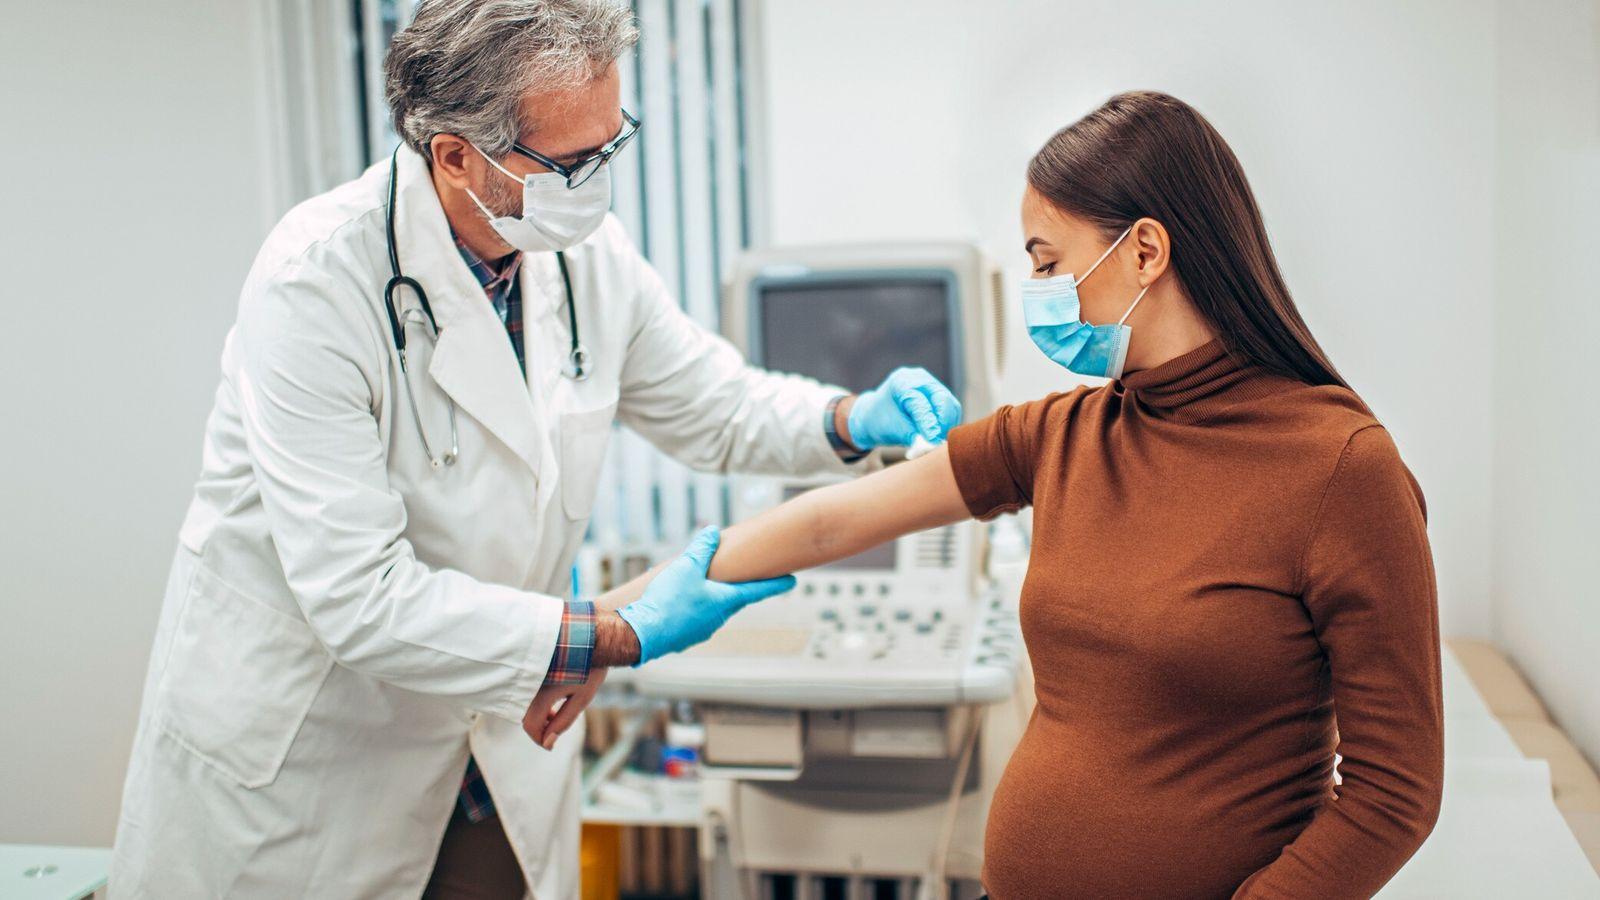 Historicamente excluídas de ensaios clínicos, gestantes muitas vezes precisam decidir se irão receber vacinas e medicamentos ...